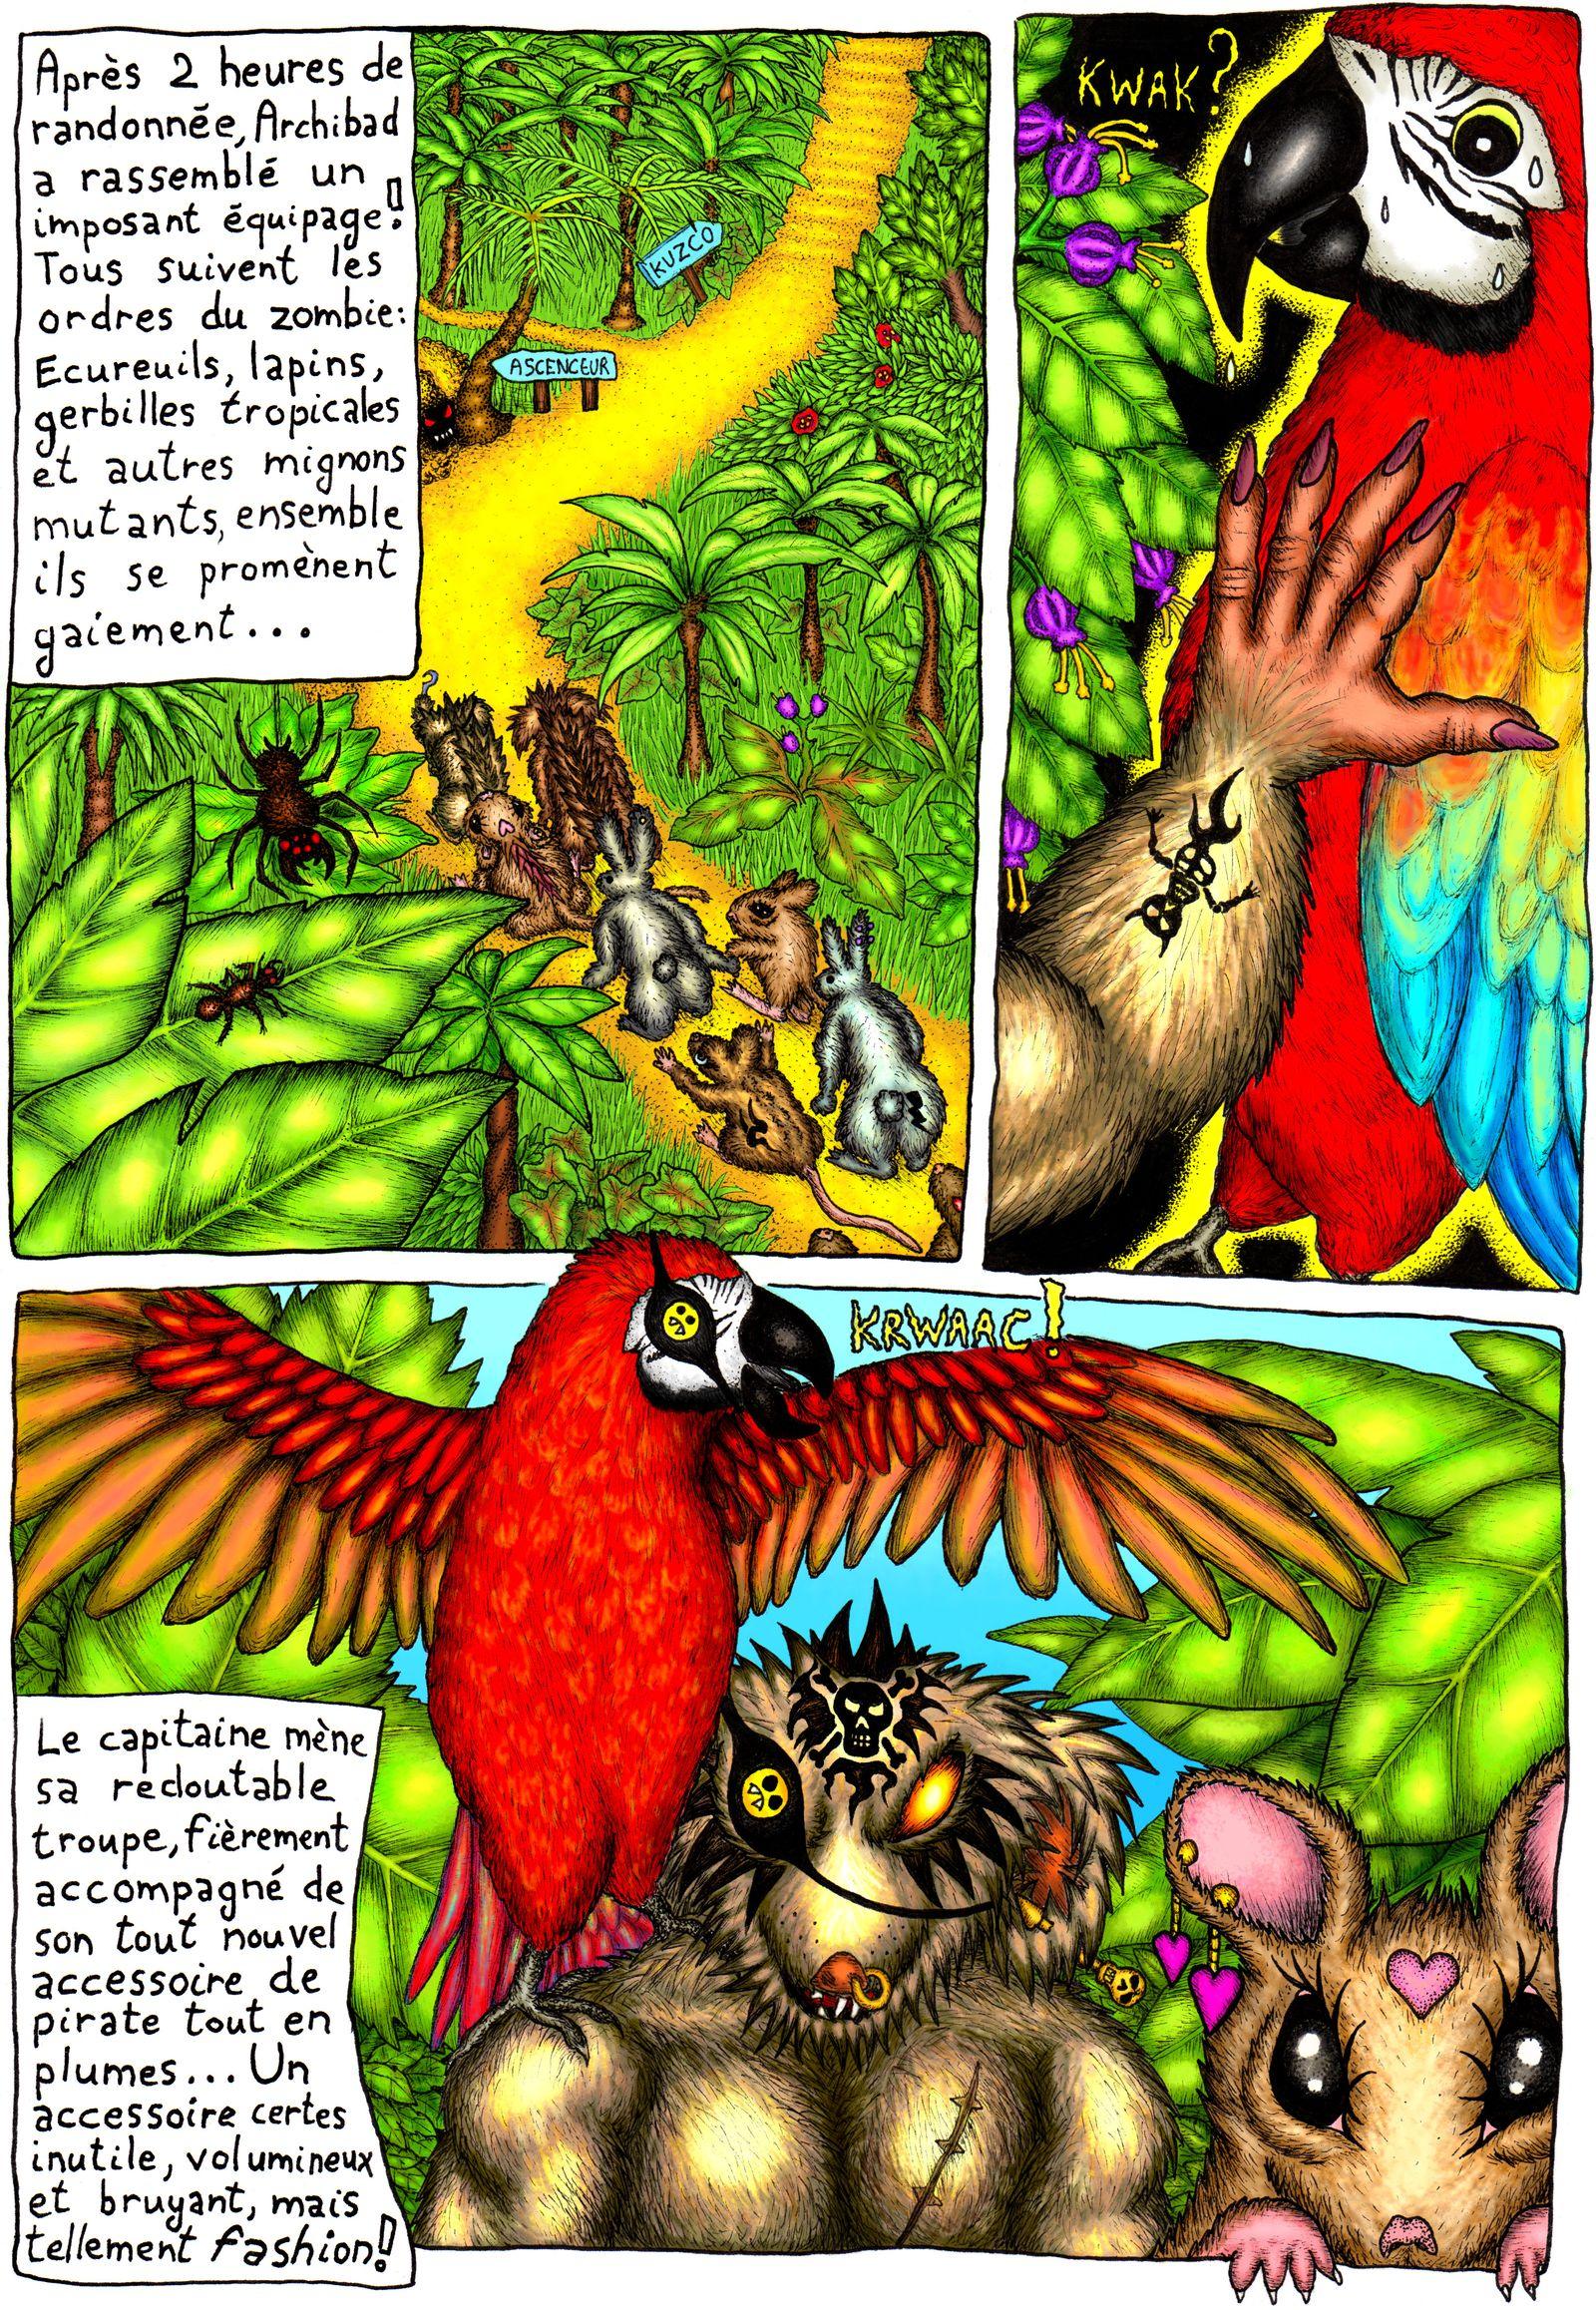 Perroquet sur écureuil pirate mutant zombie, un classique